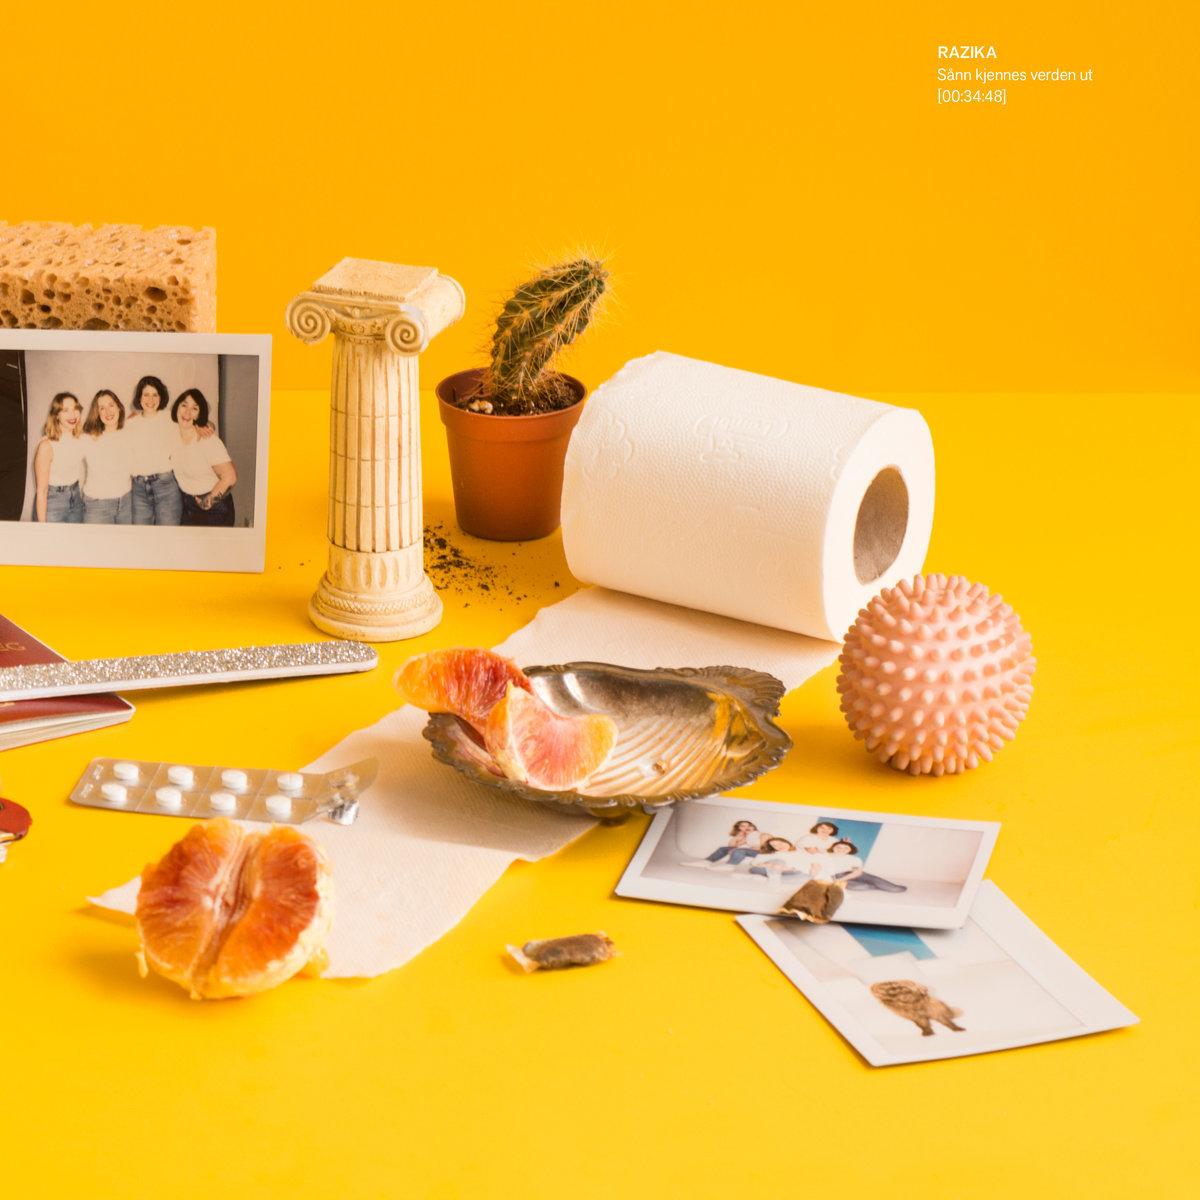 Razika / Sånn kjennes verden ut(LP)